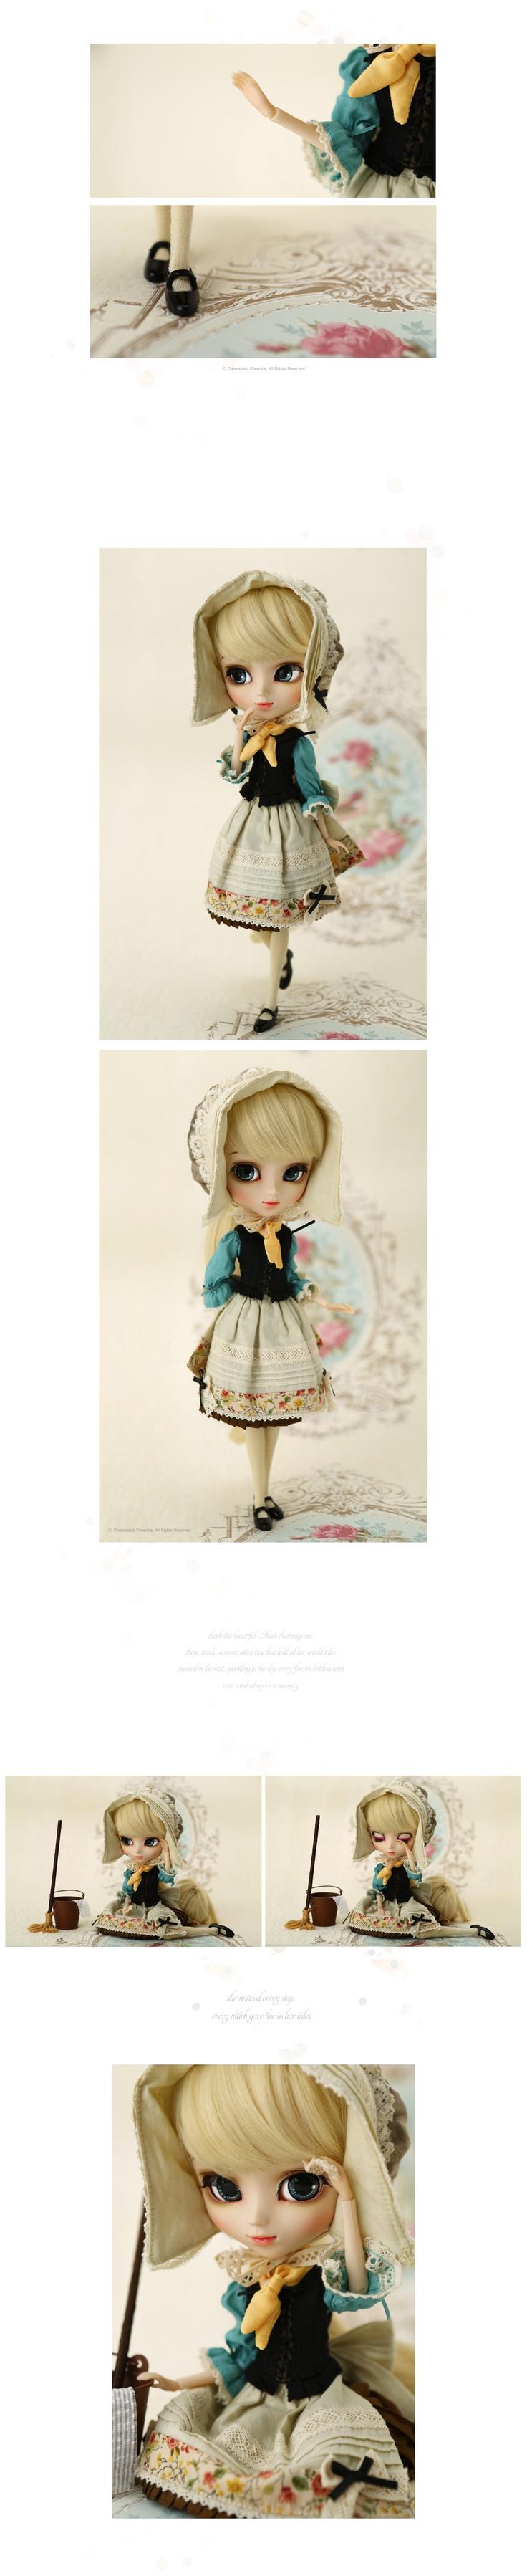 Dahlia Cinderella doll